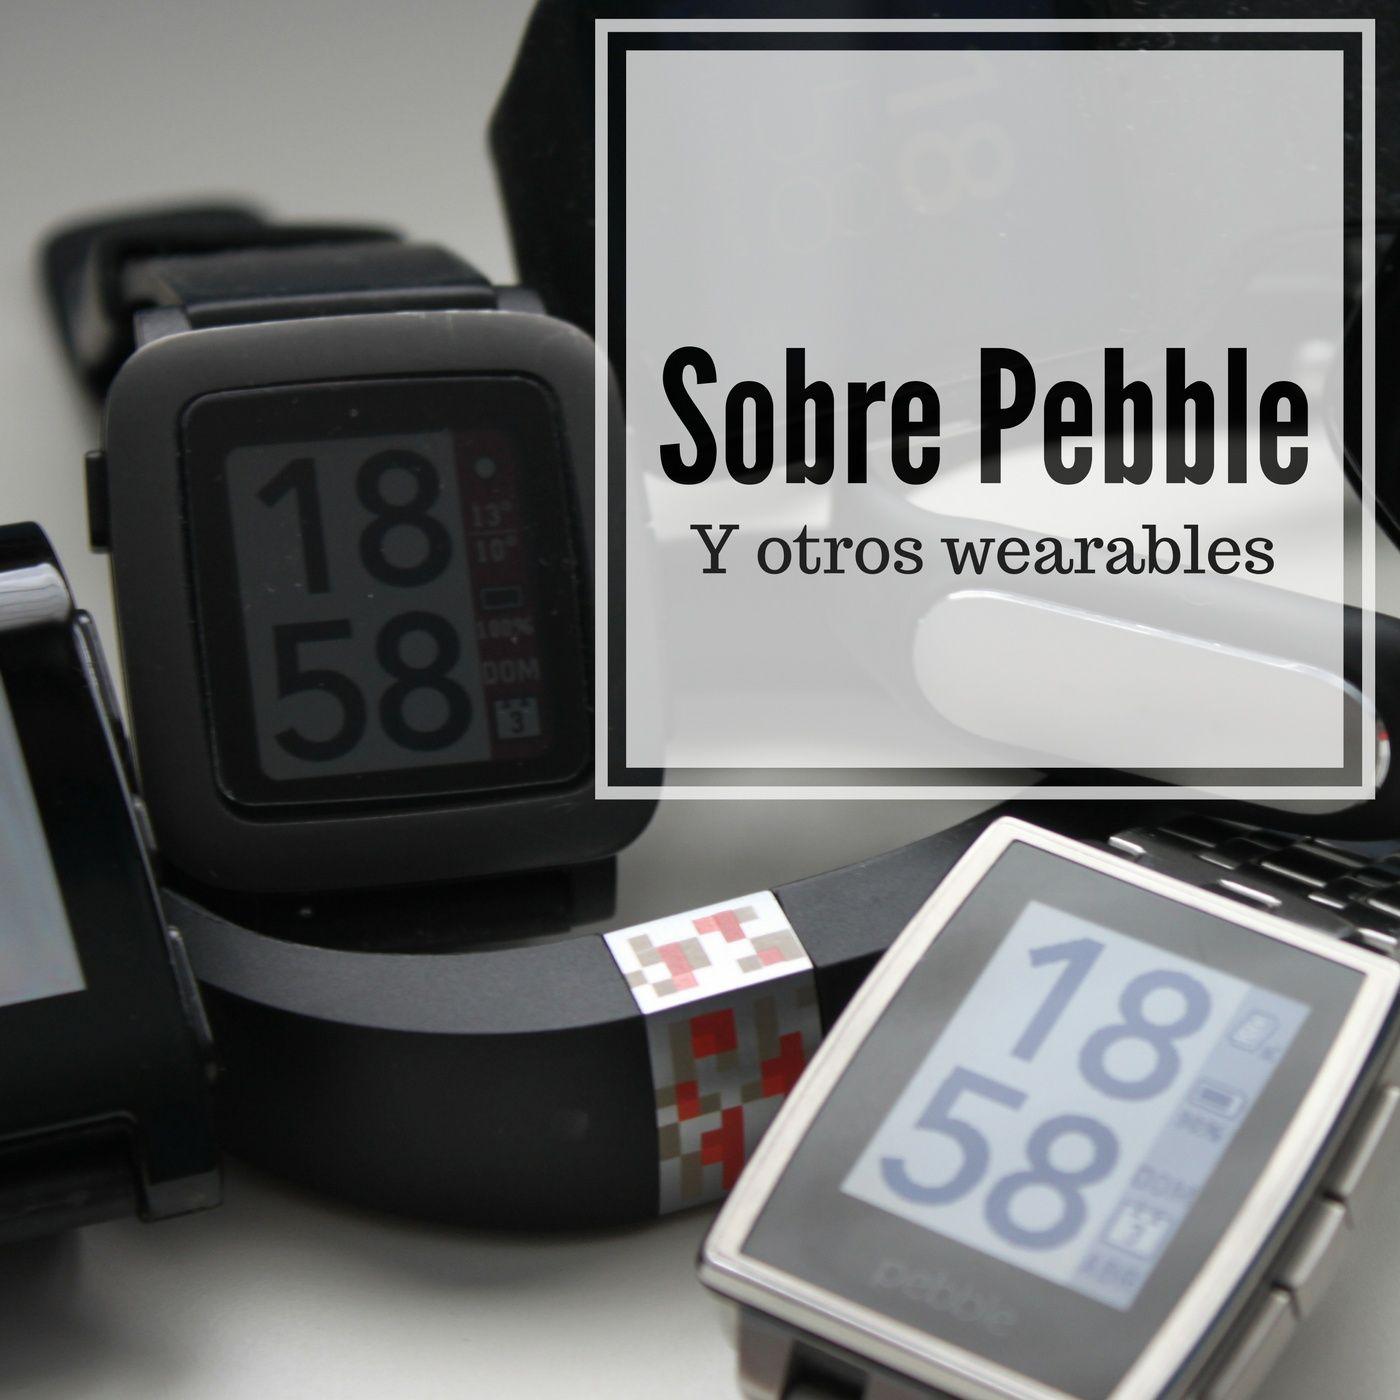 Sobre Pebble y otros wearables